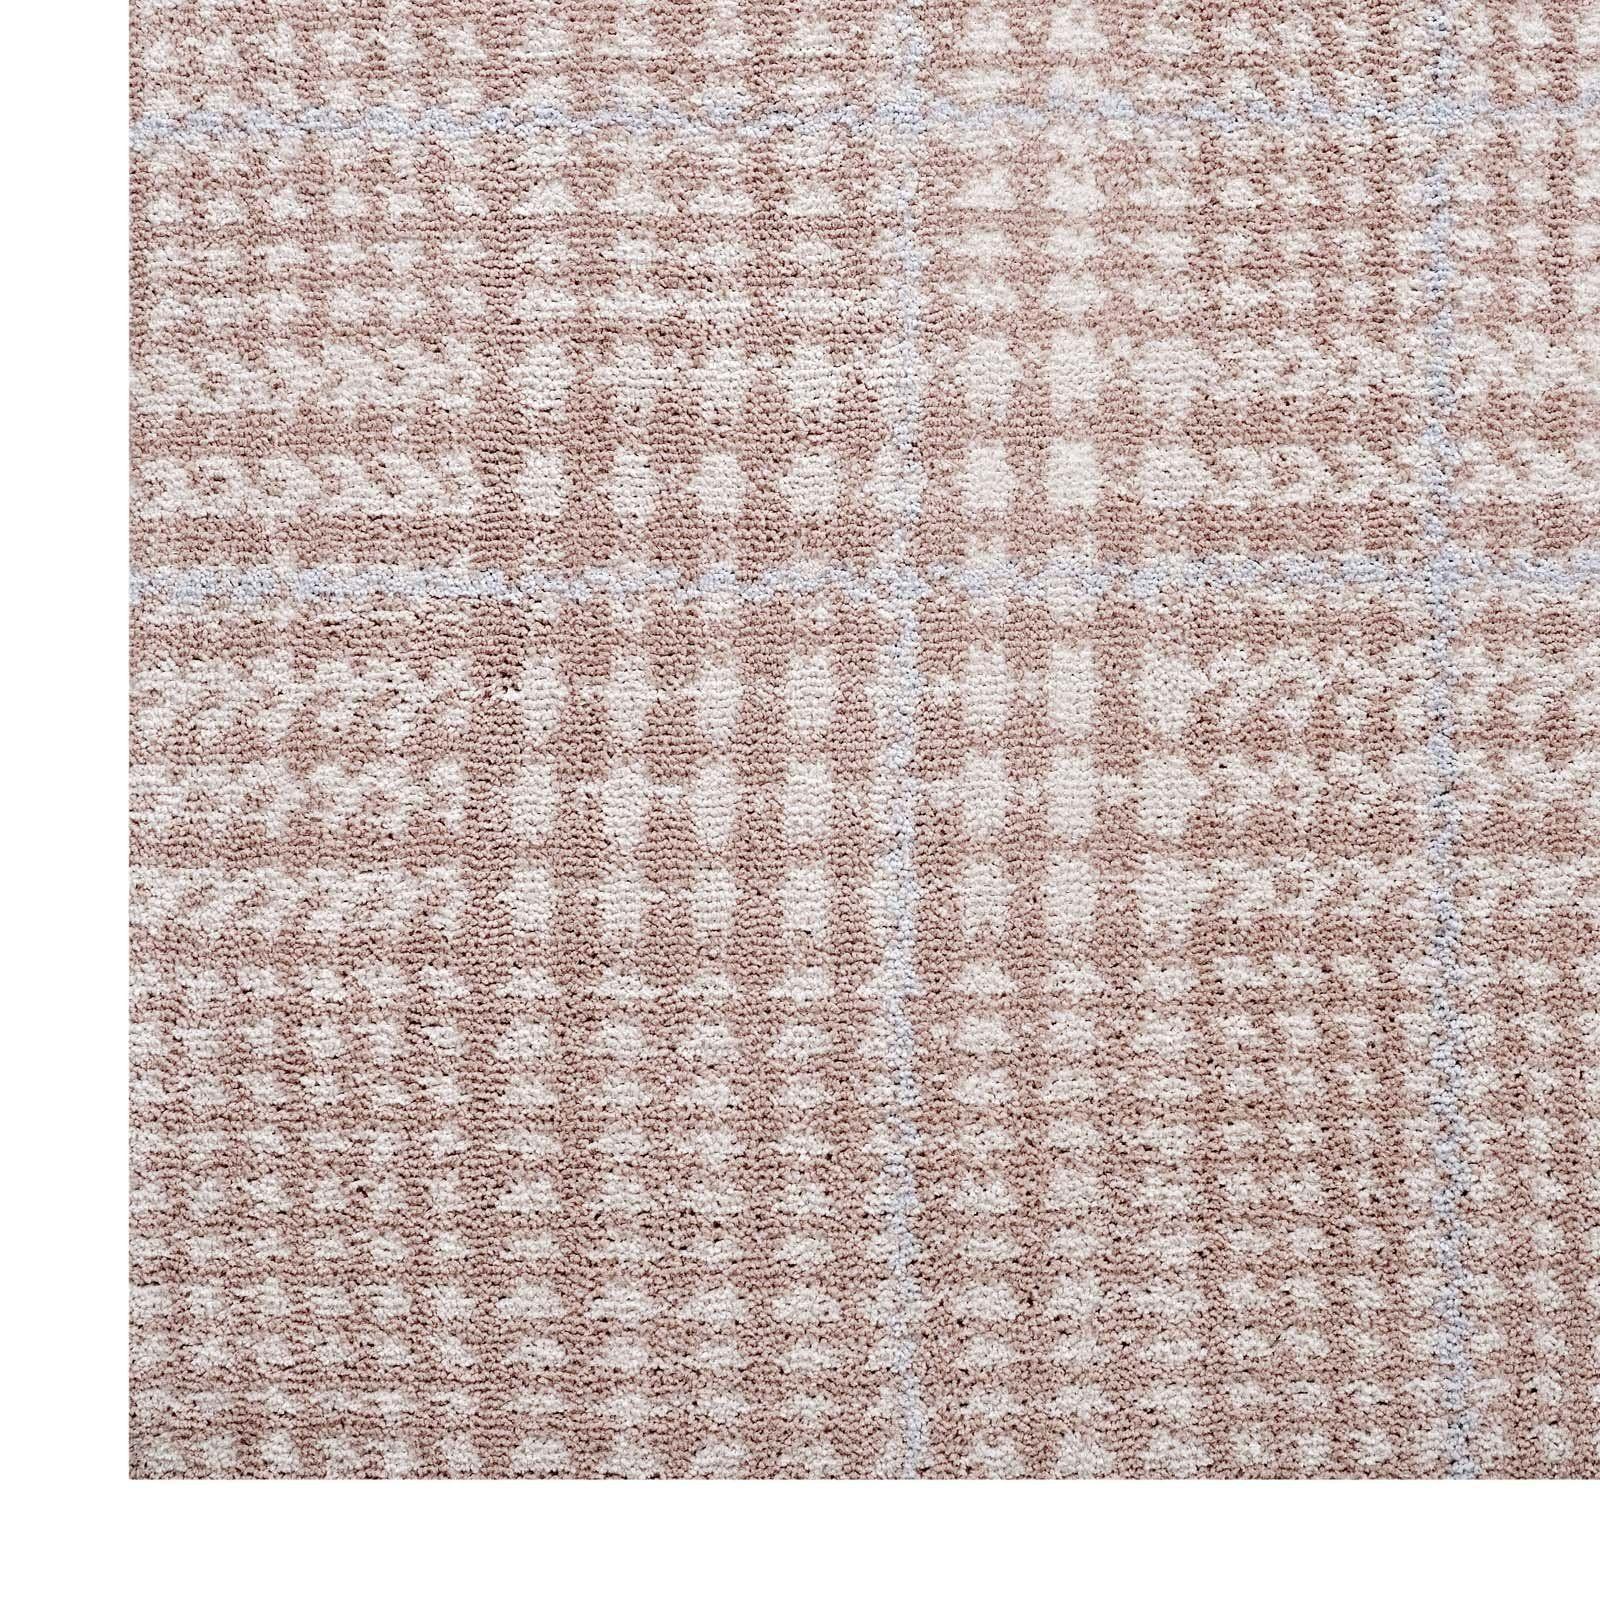 Minimal & Modern Kaja Abstract Plaid 8X10 Area Rug